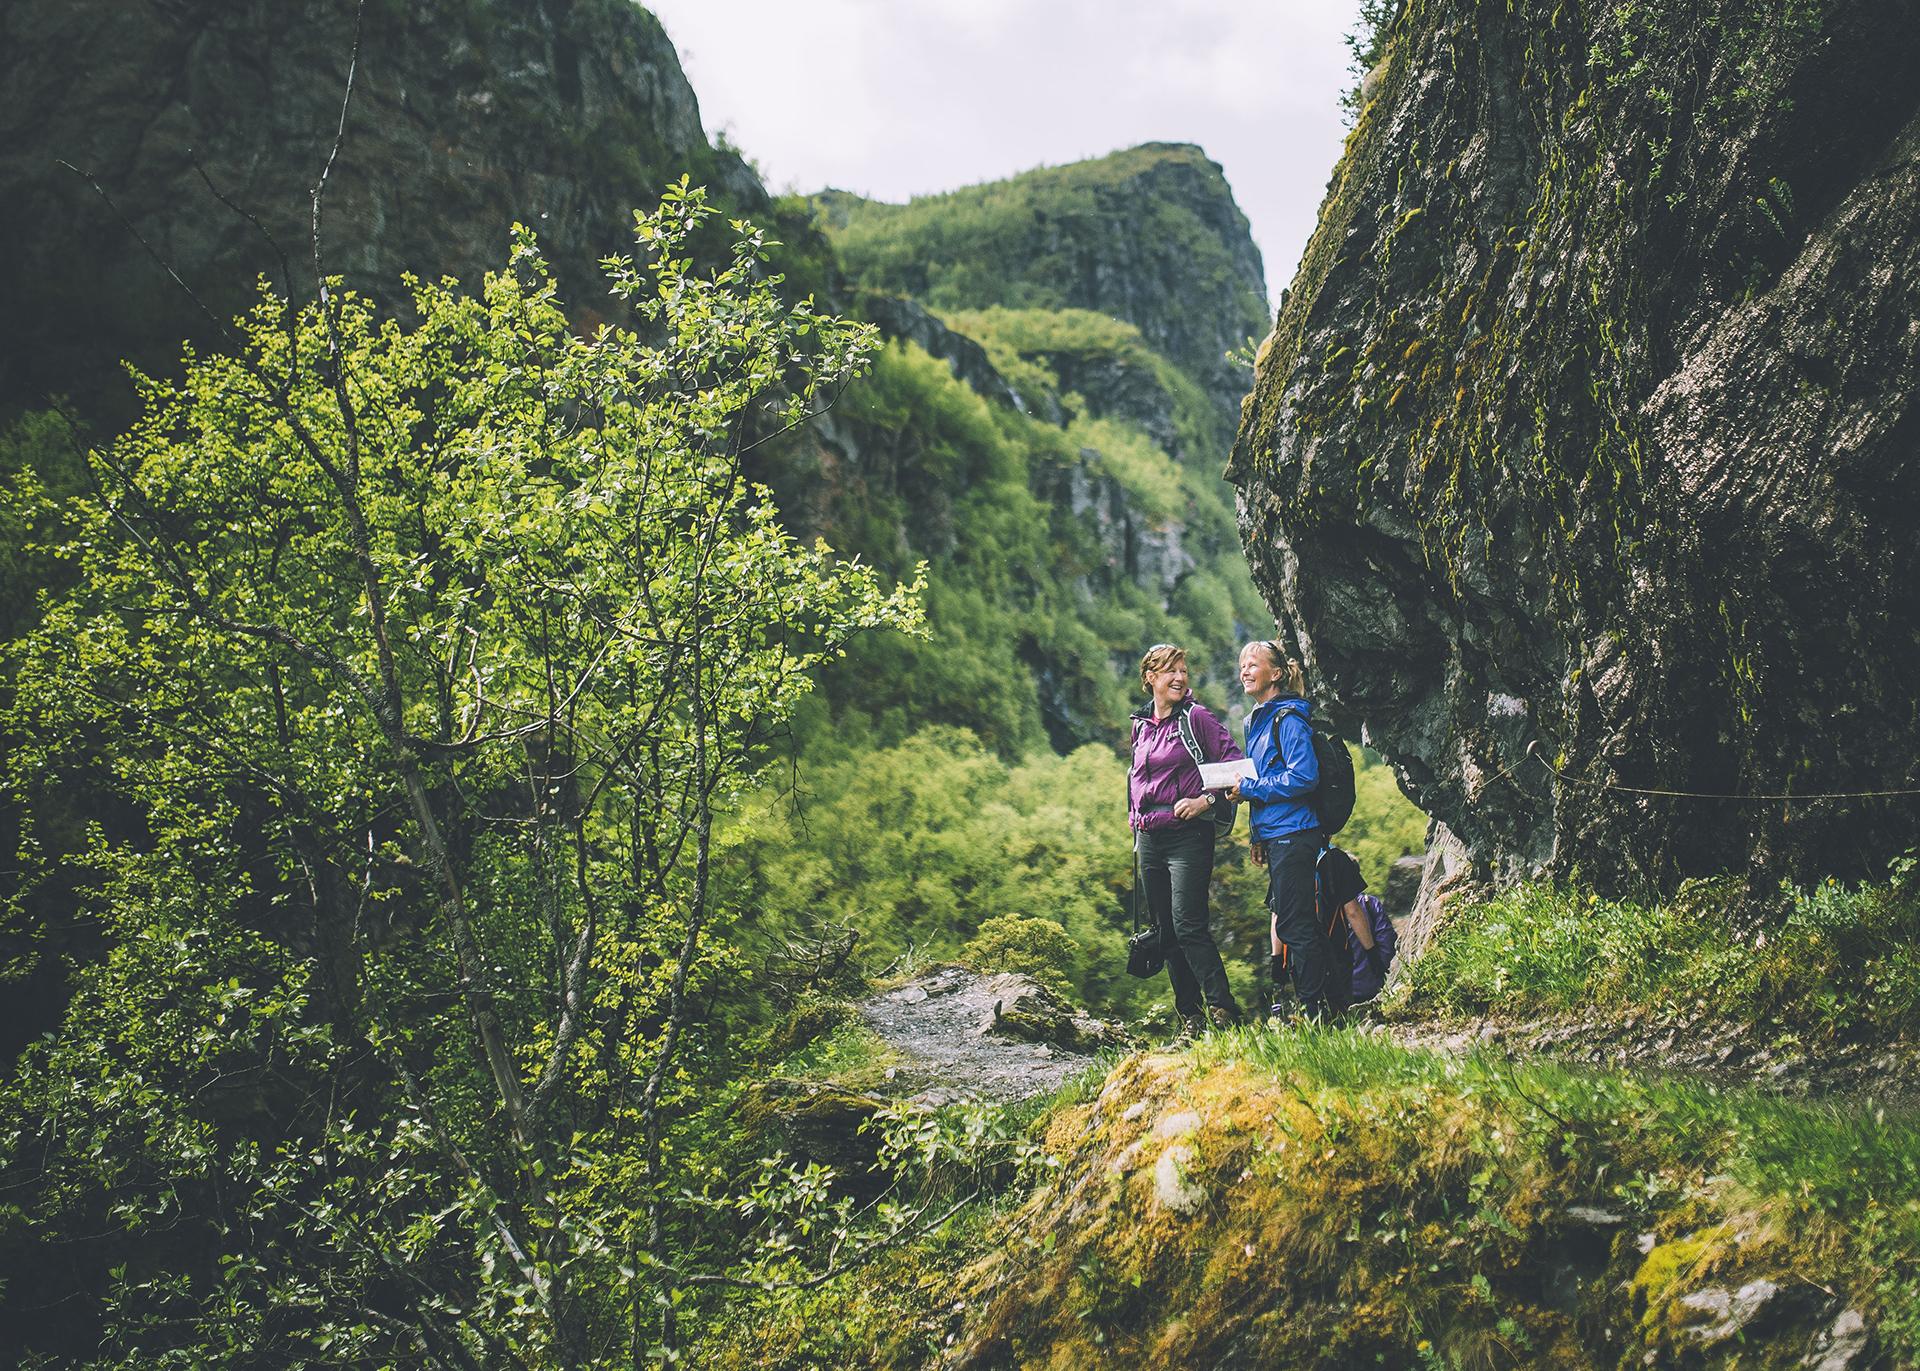 Bilde viser utsikten til en av de historiske vandrerutene. Bildet er tatt i forbindelse med sommeråpning 2017. Foto er tatt av Marius Dalseg Sætre